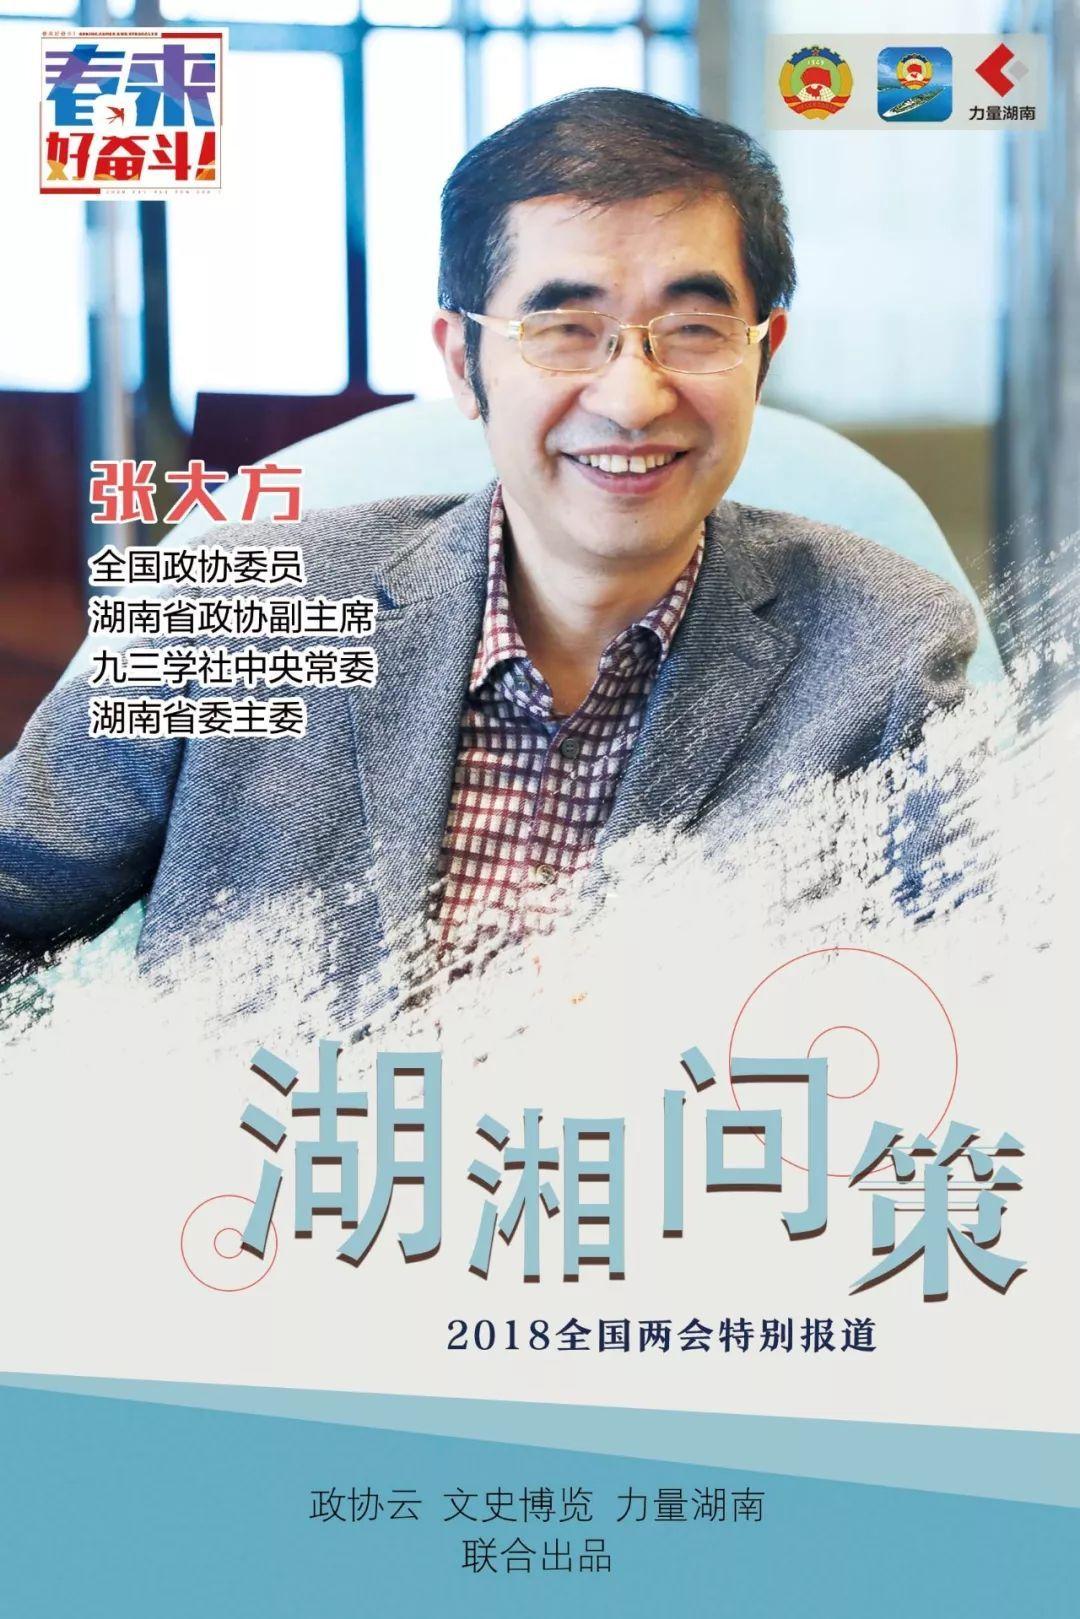 (视频)张大方:现代职教体系如何支撑现代产业发展? | 湖湘问策